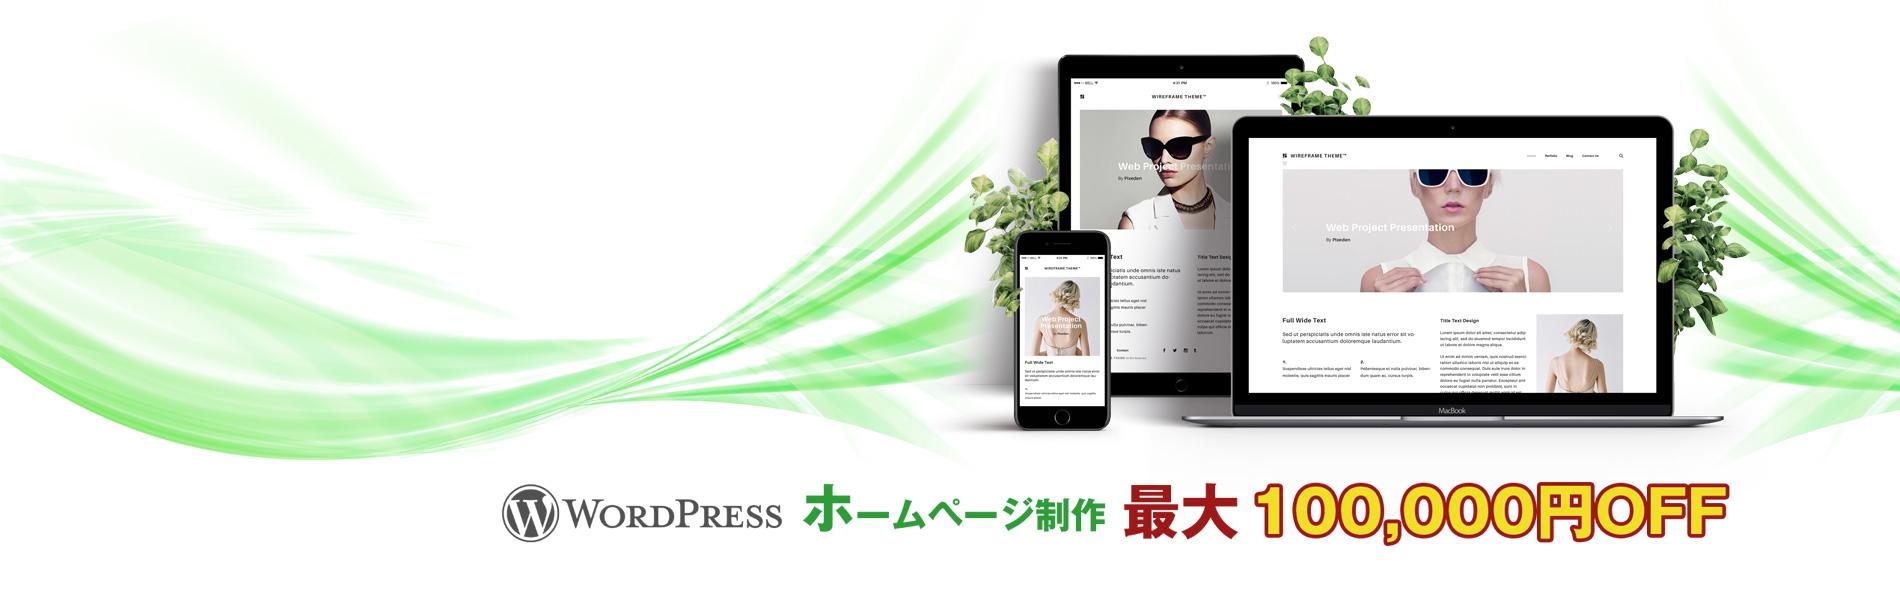 レスポンシブデザイン・サイト制作